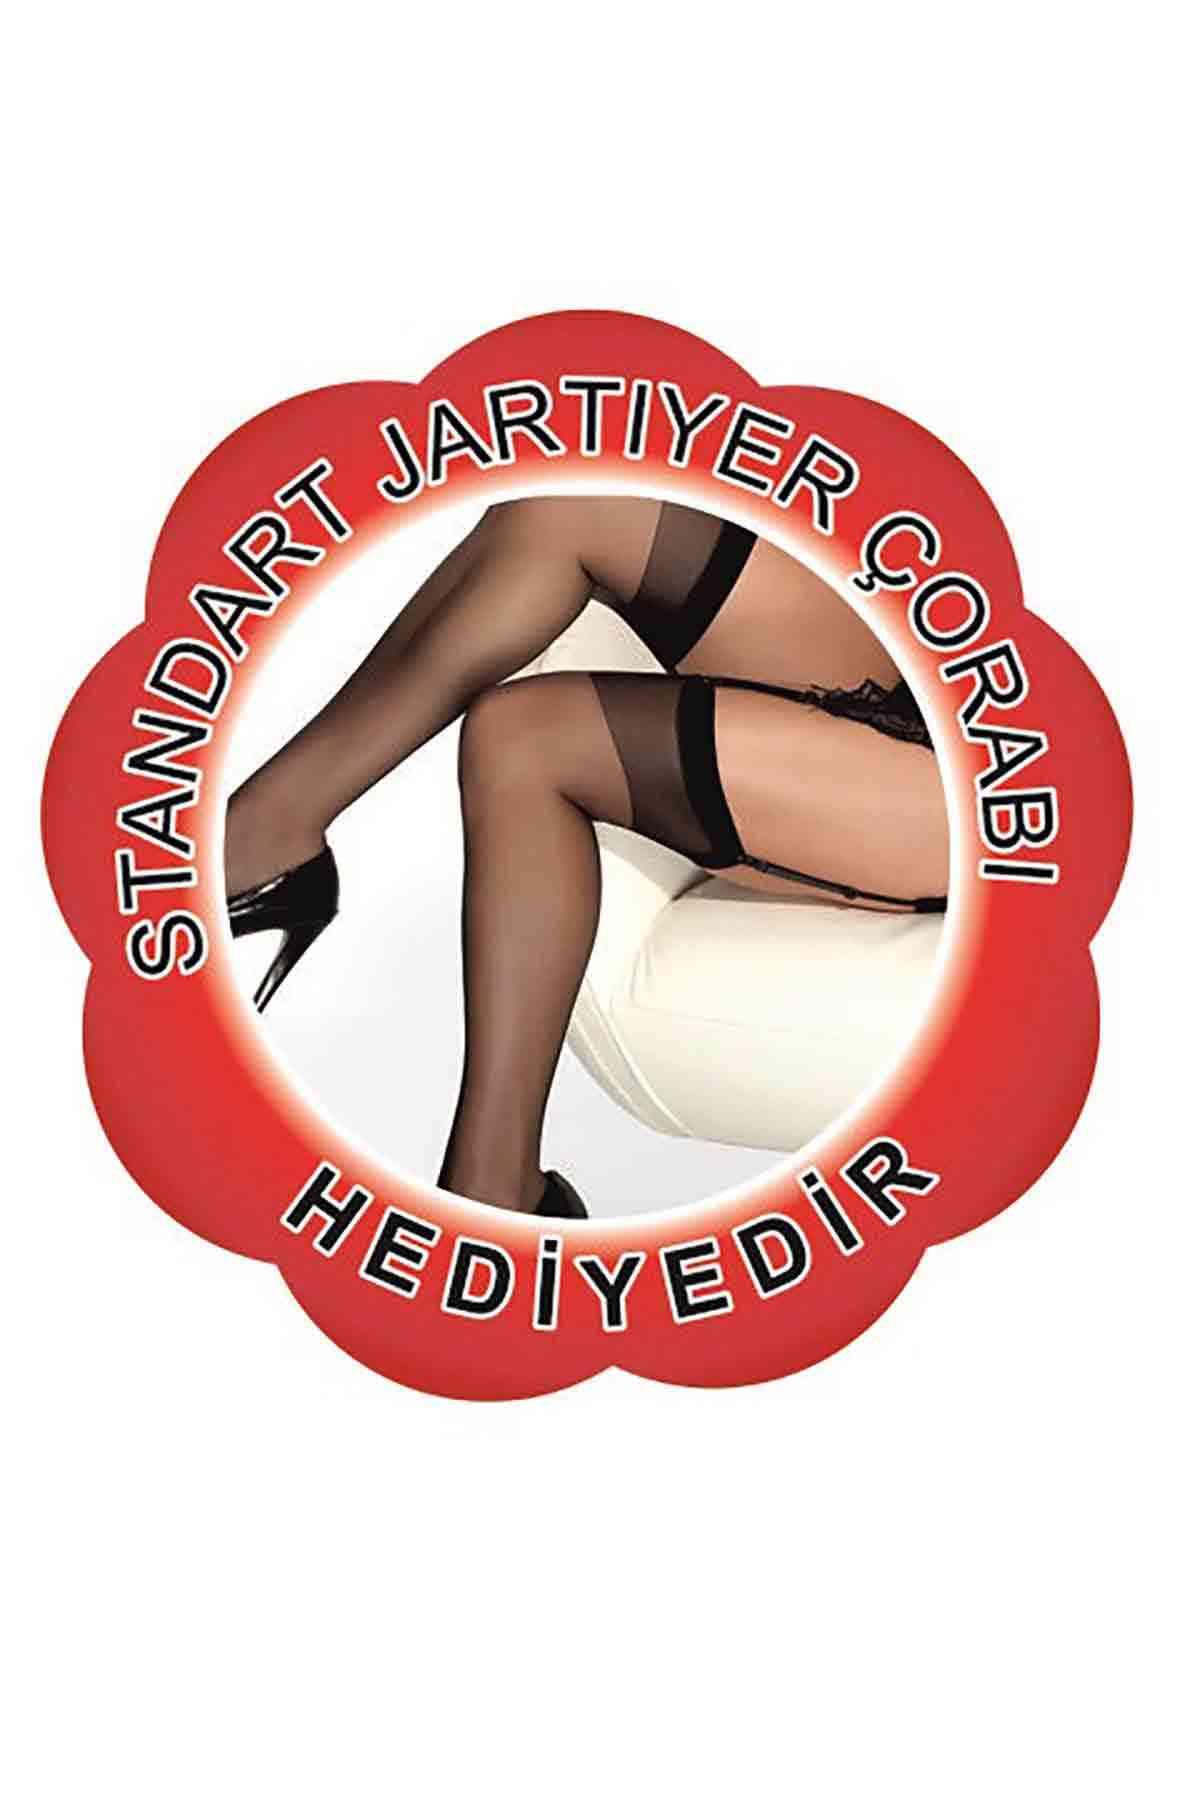 Merry See Jartiyerli Şapkalı Yılbaşı Kız Kostümü+ ÇORAP HEDİYELİ